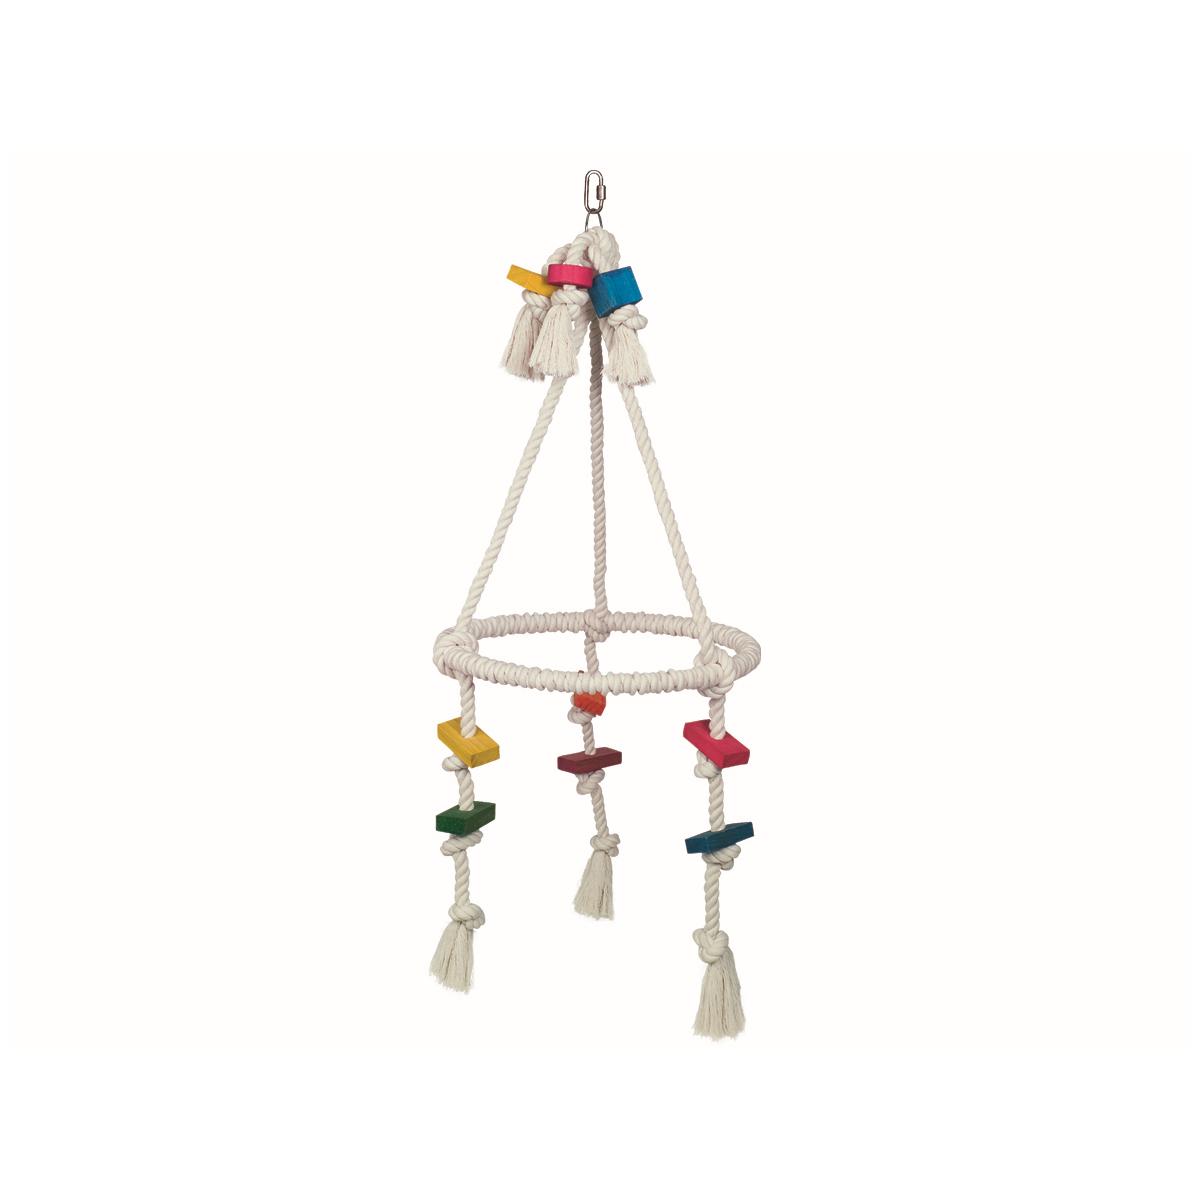 Kooi speelgoed pyramind meerkleurig